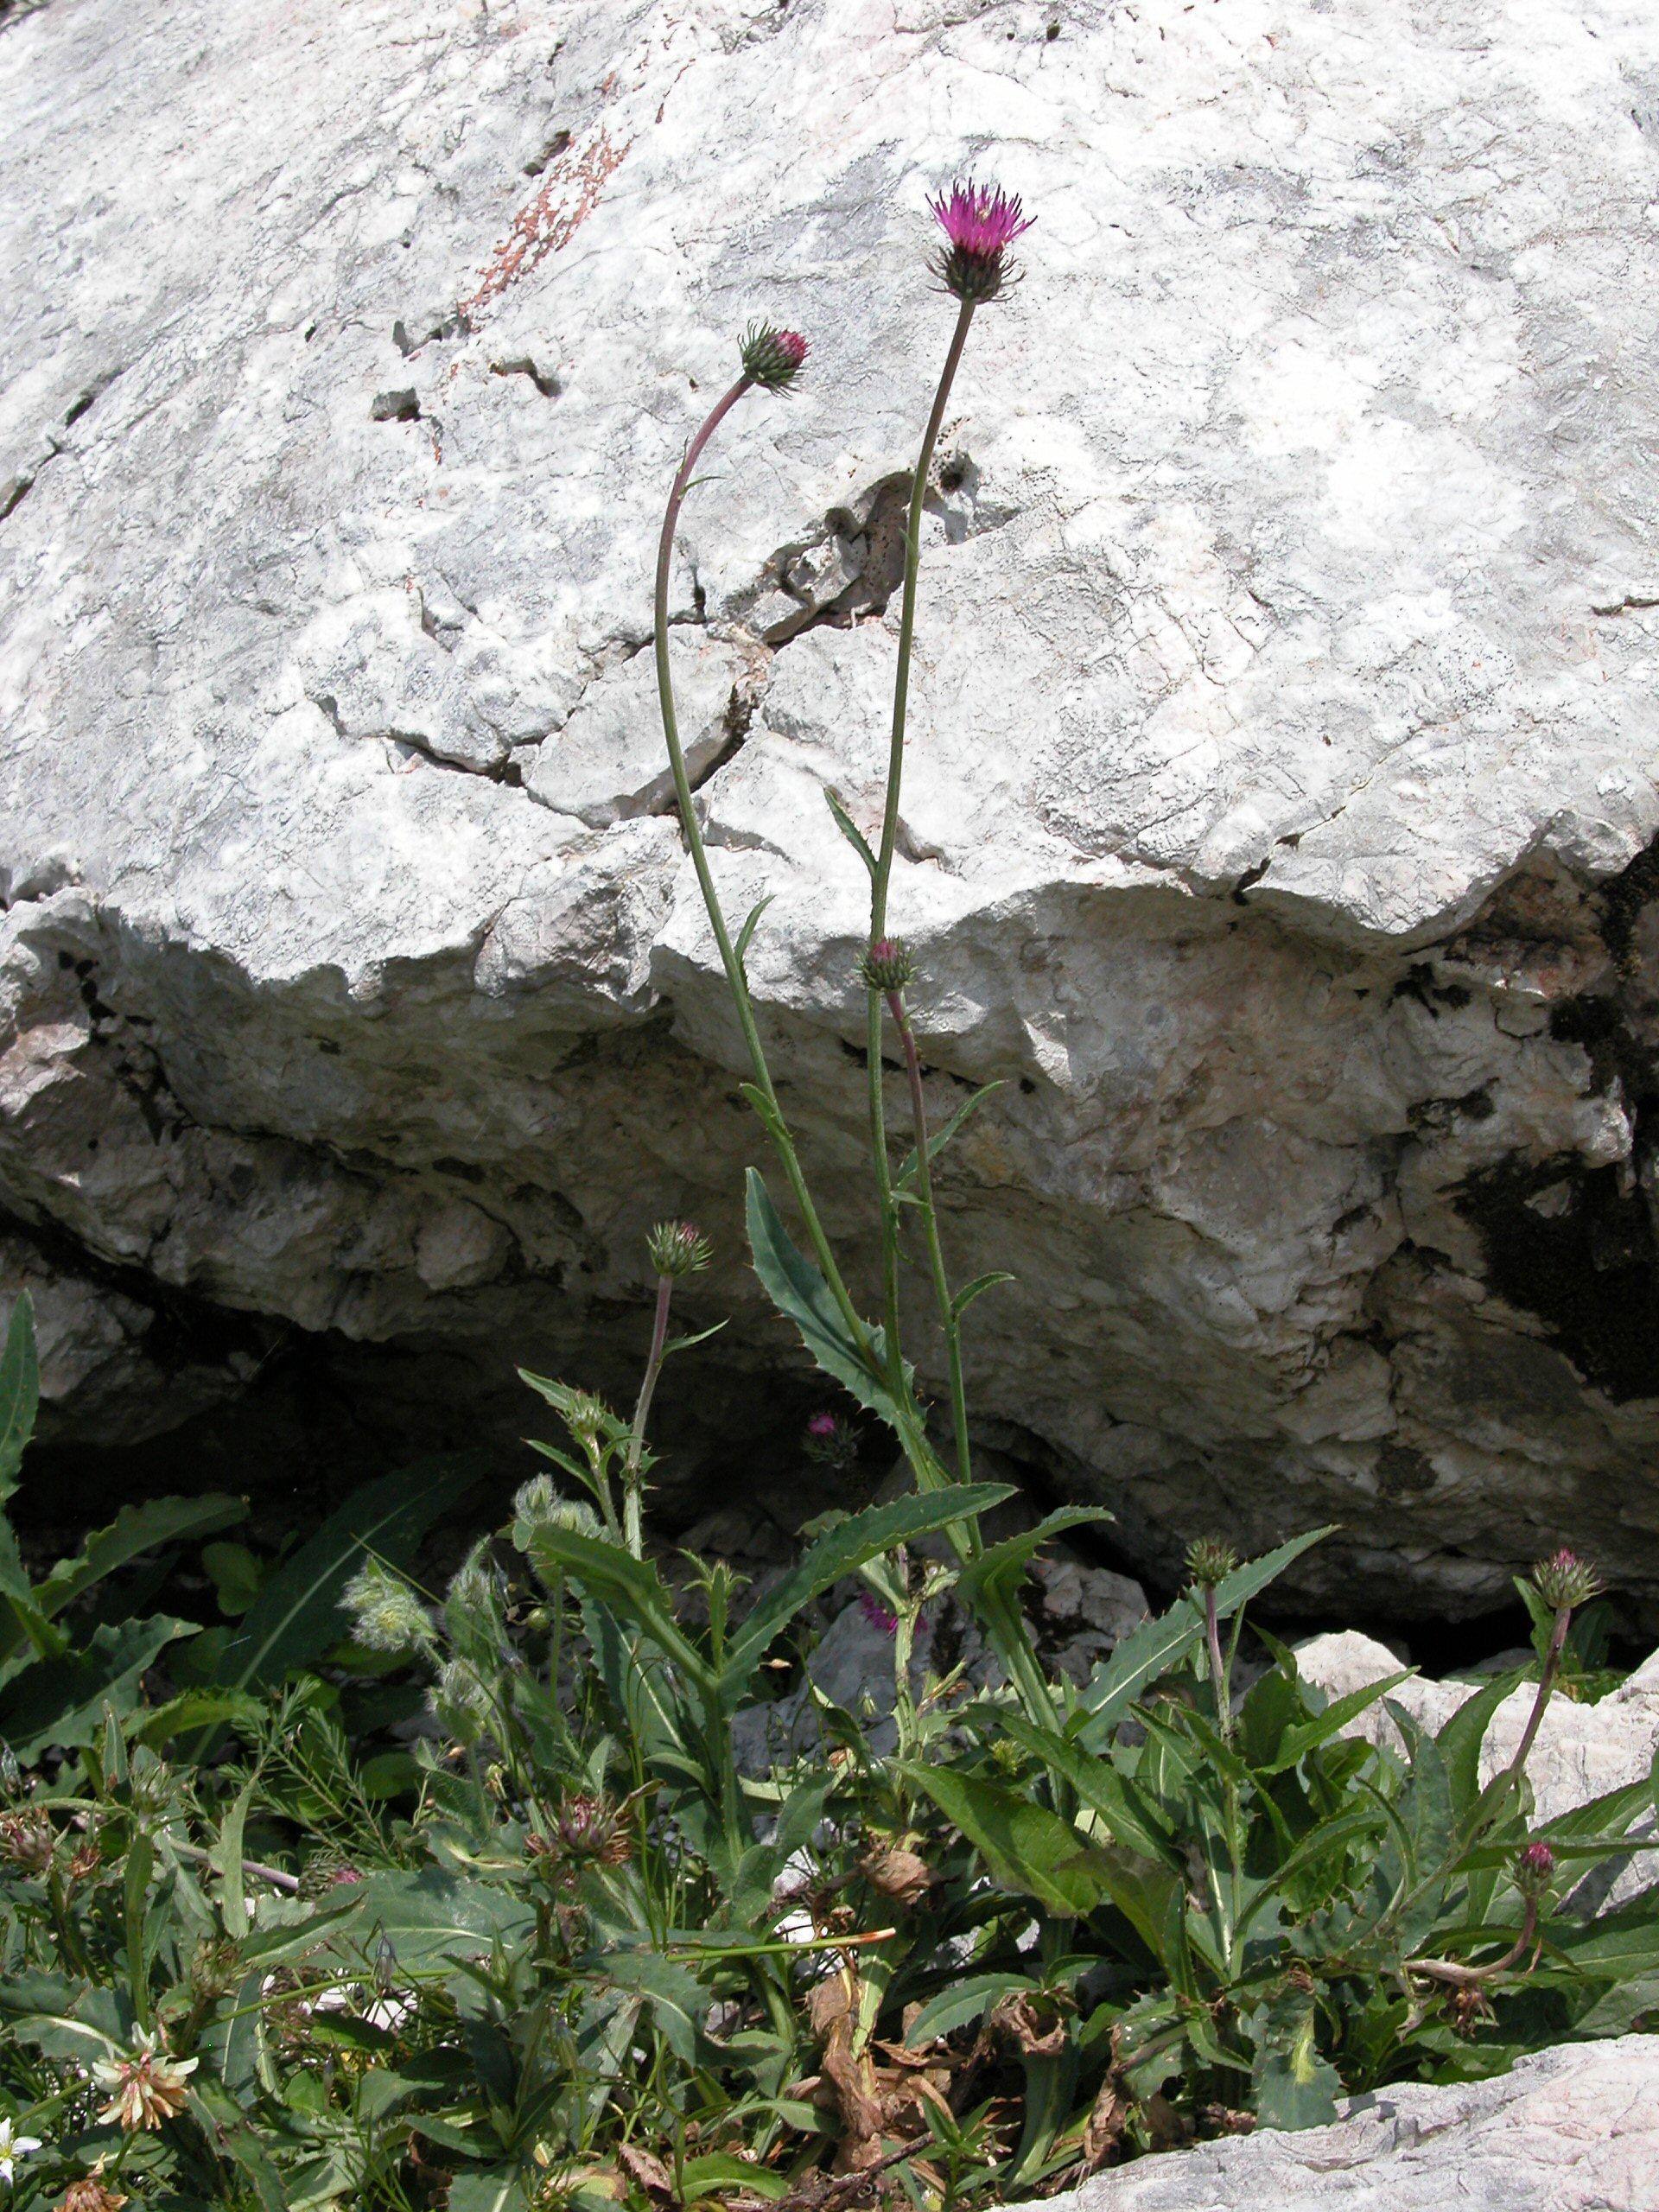 © Dipartimento di Scienze della Vita, Università degli Studi di Trieste<br>by Andrea Moro<br>Comune di Chiusaforte, località Sella Nevea, nei pressi della stazione di arrivo della funivia., UD, FVG, Italia, 19/07/05 <br>Distributed under CC-BY-SA 4.0 license.